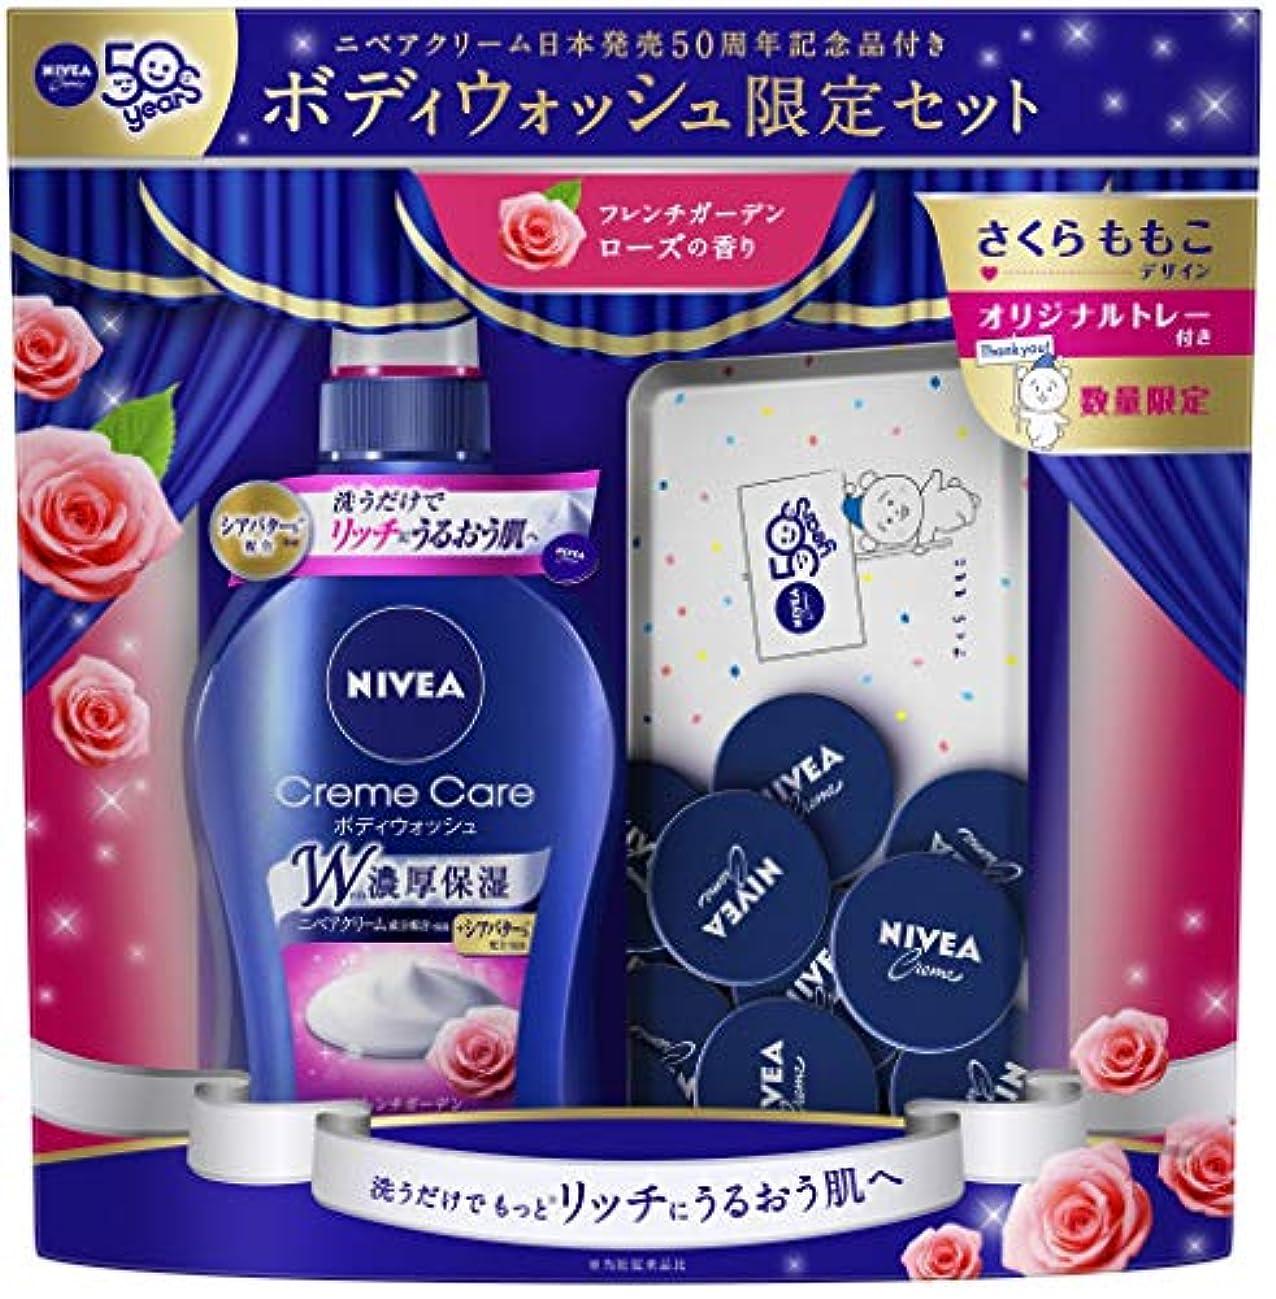 レンジ香水情報【数量限定】ニベア クリームケアボディウォッシュ フレンチローズの香り+さくらももこデザインオリジナルトレー付き